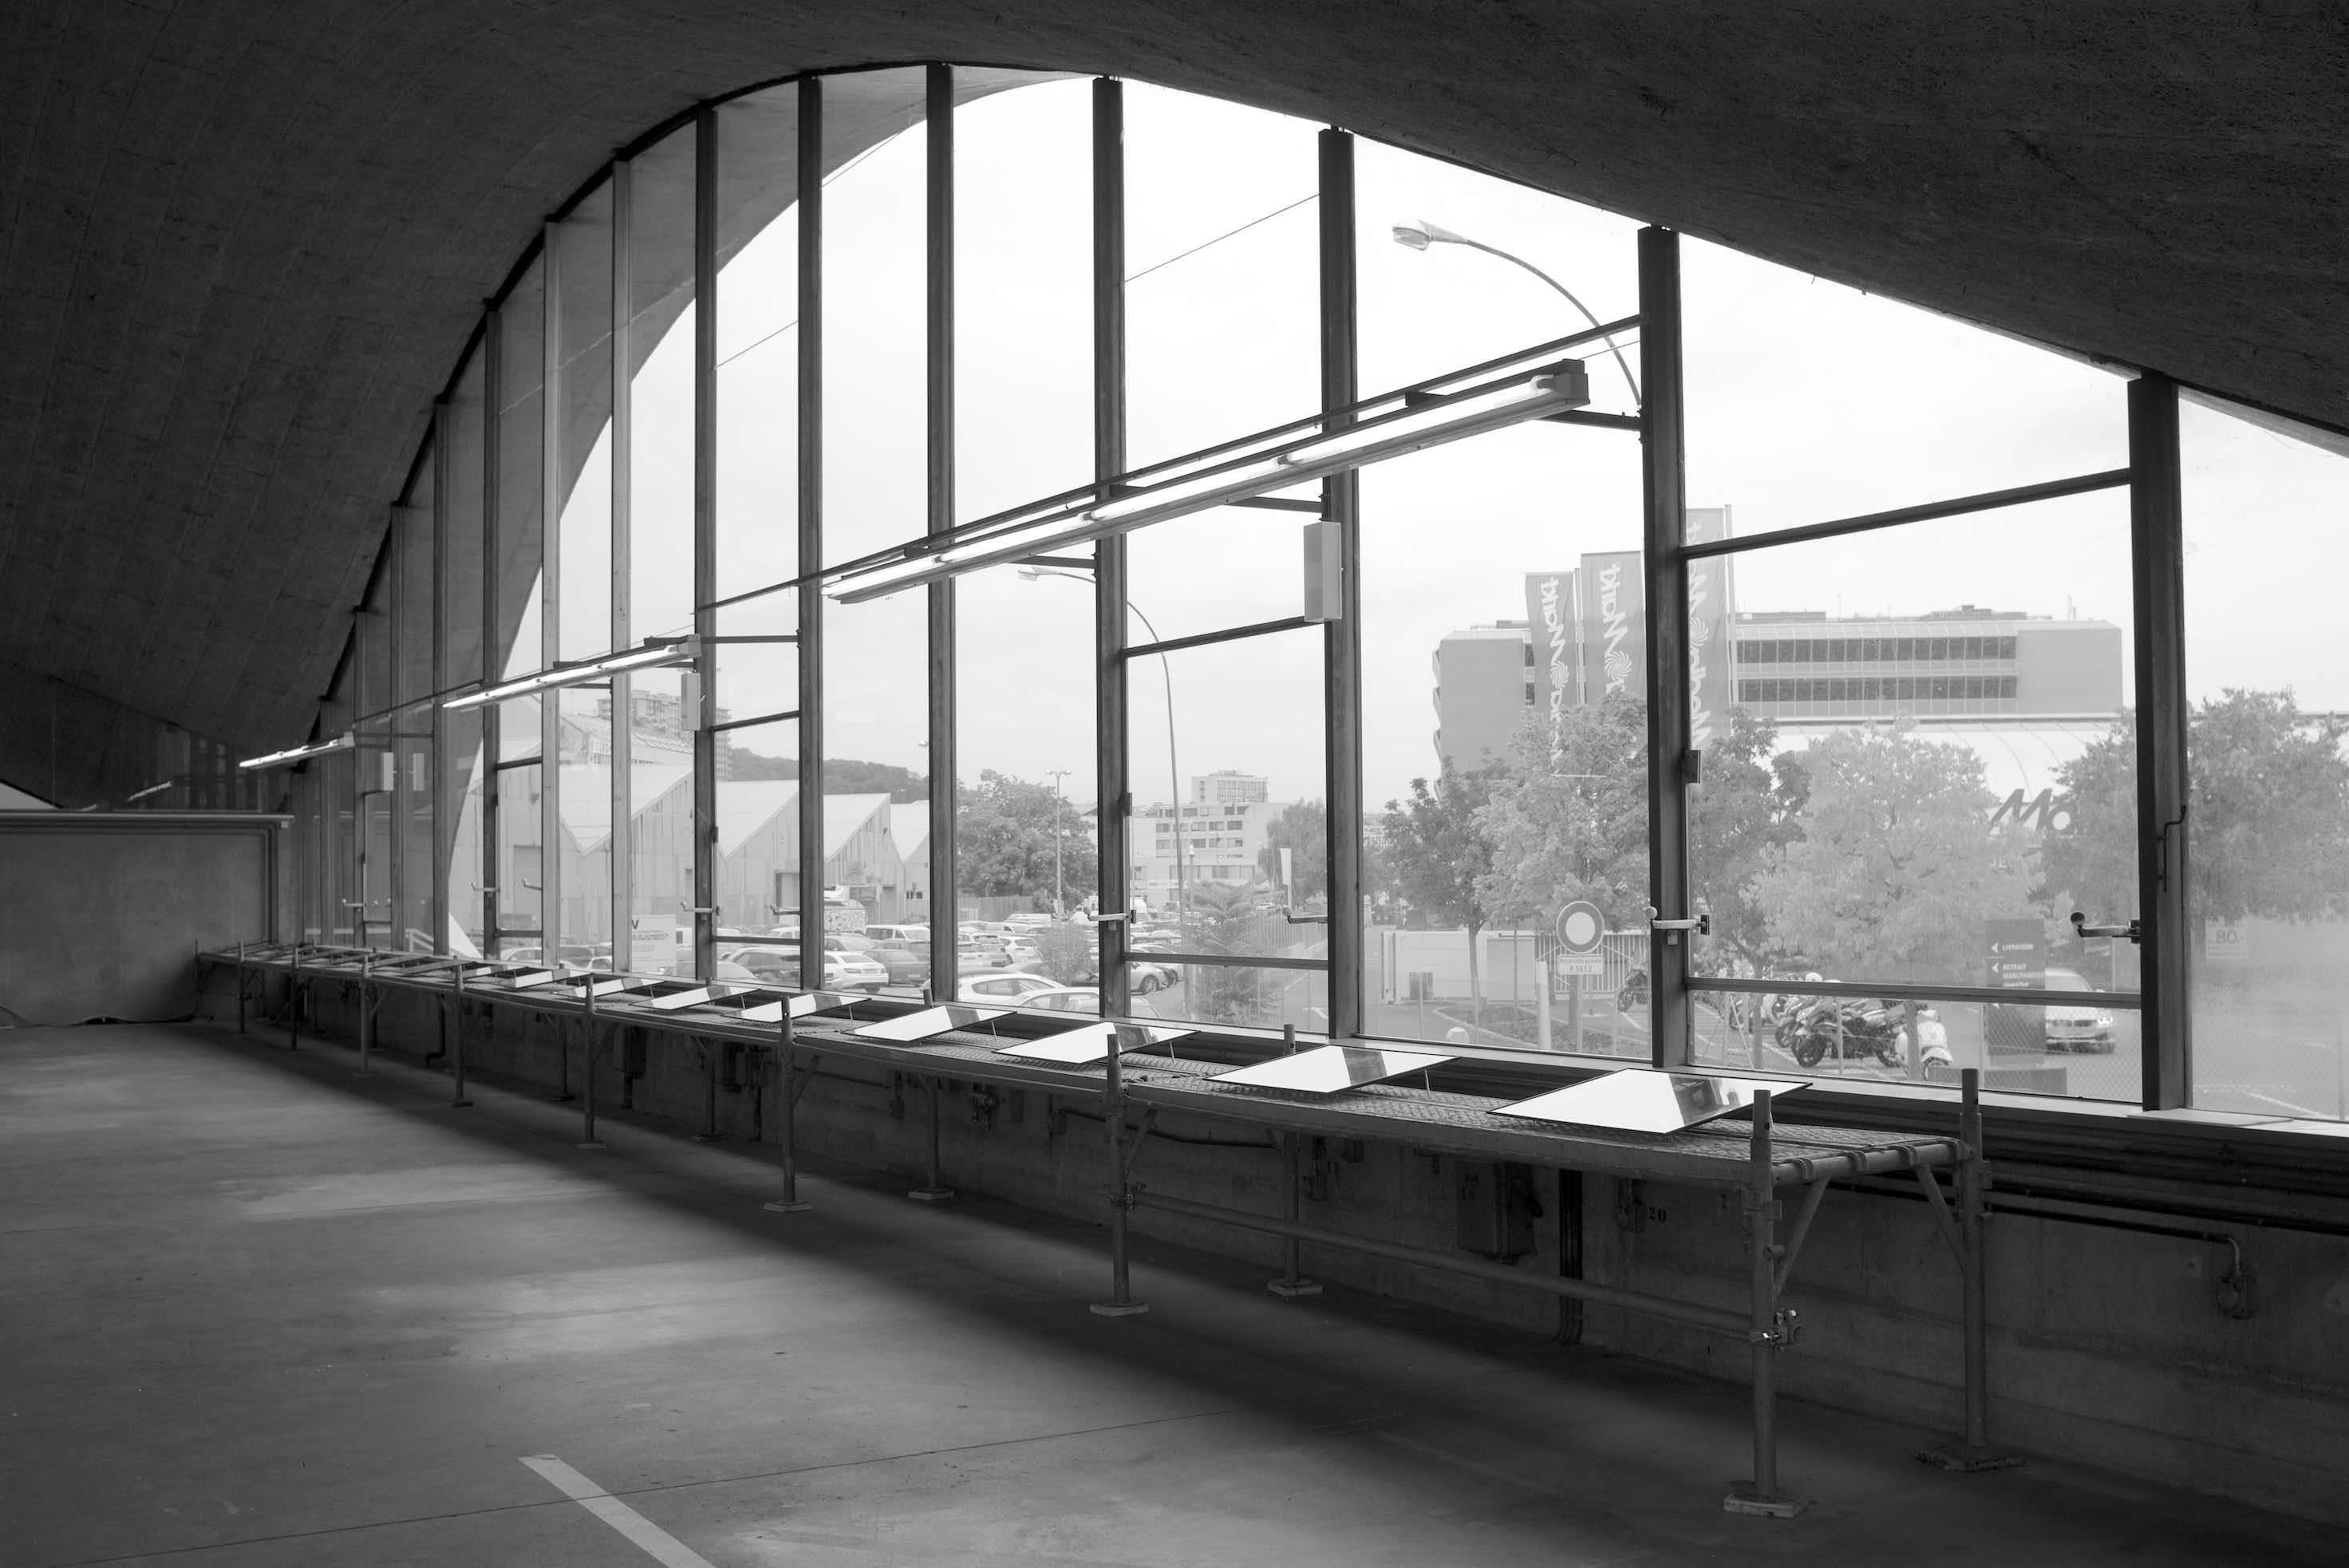 exposition françois de limoges photographe